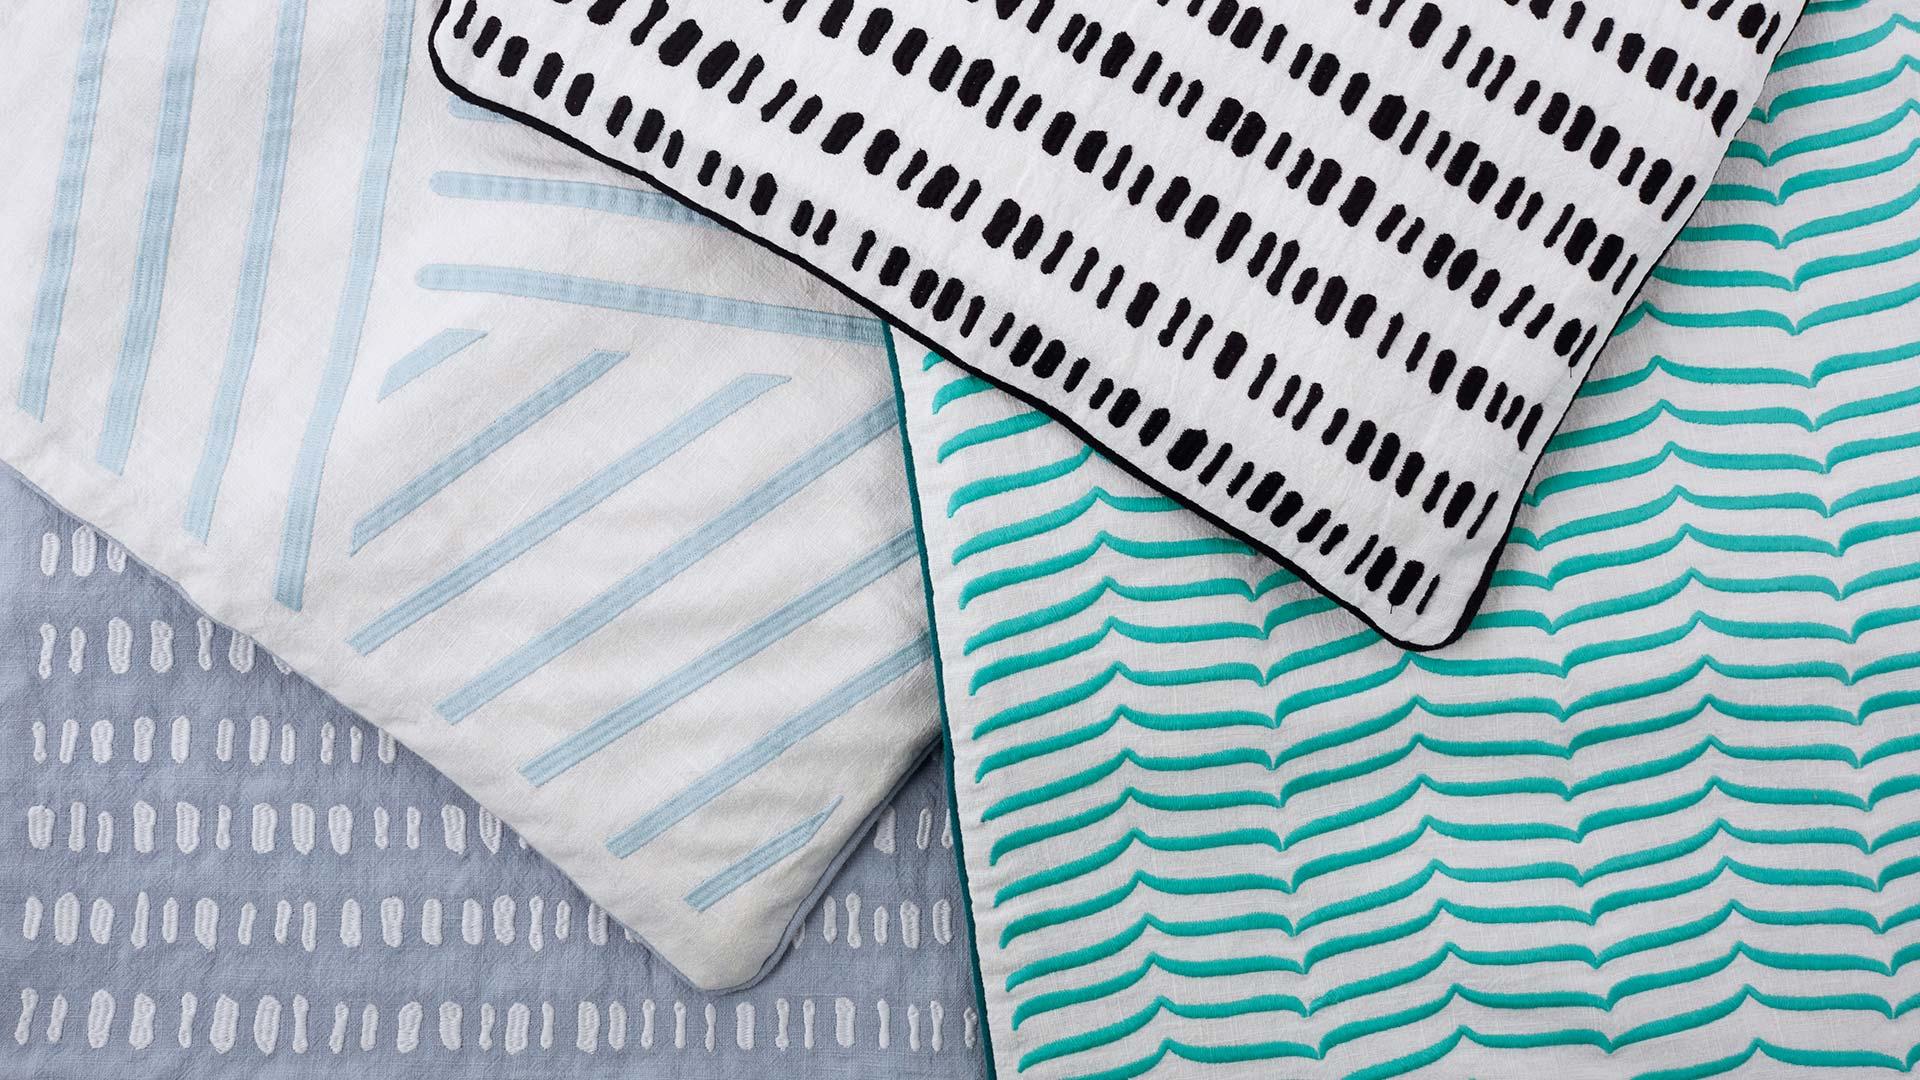 细语抱枕包括3种系列,春分、立夏、谷雨,以颜色图样将节气设计表达,再以近10万针刺绣立体展现。?x-oss-process=image/format,jpg/interlace,1